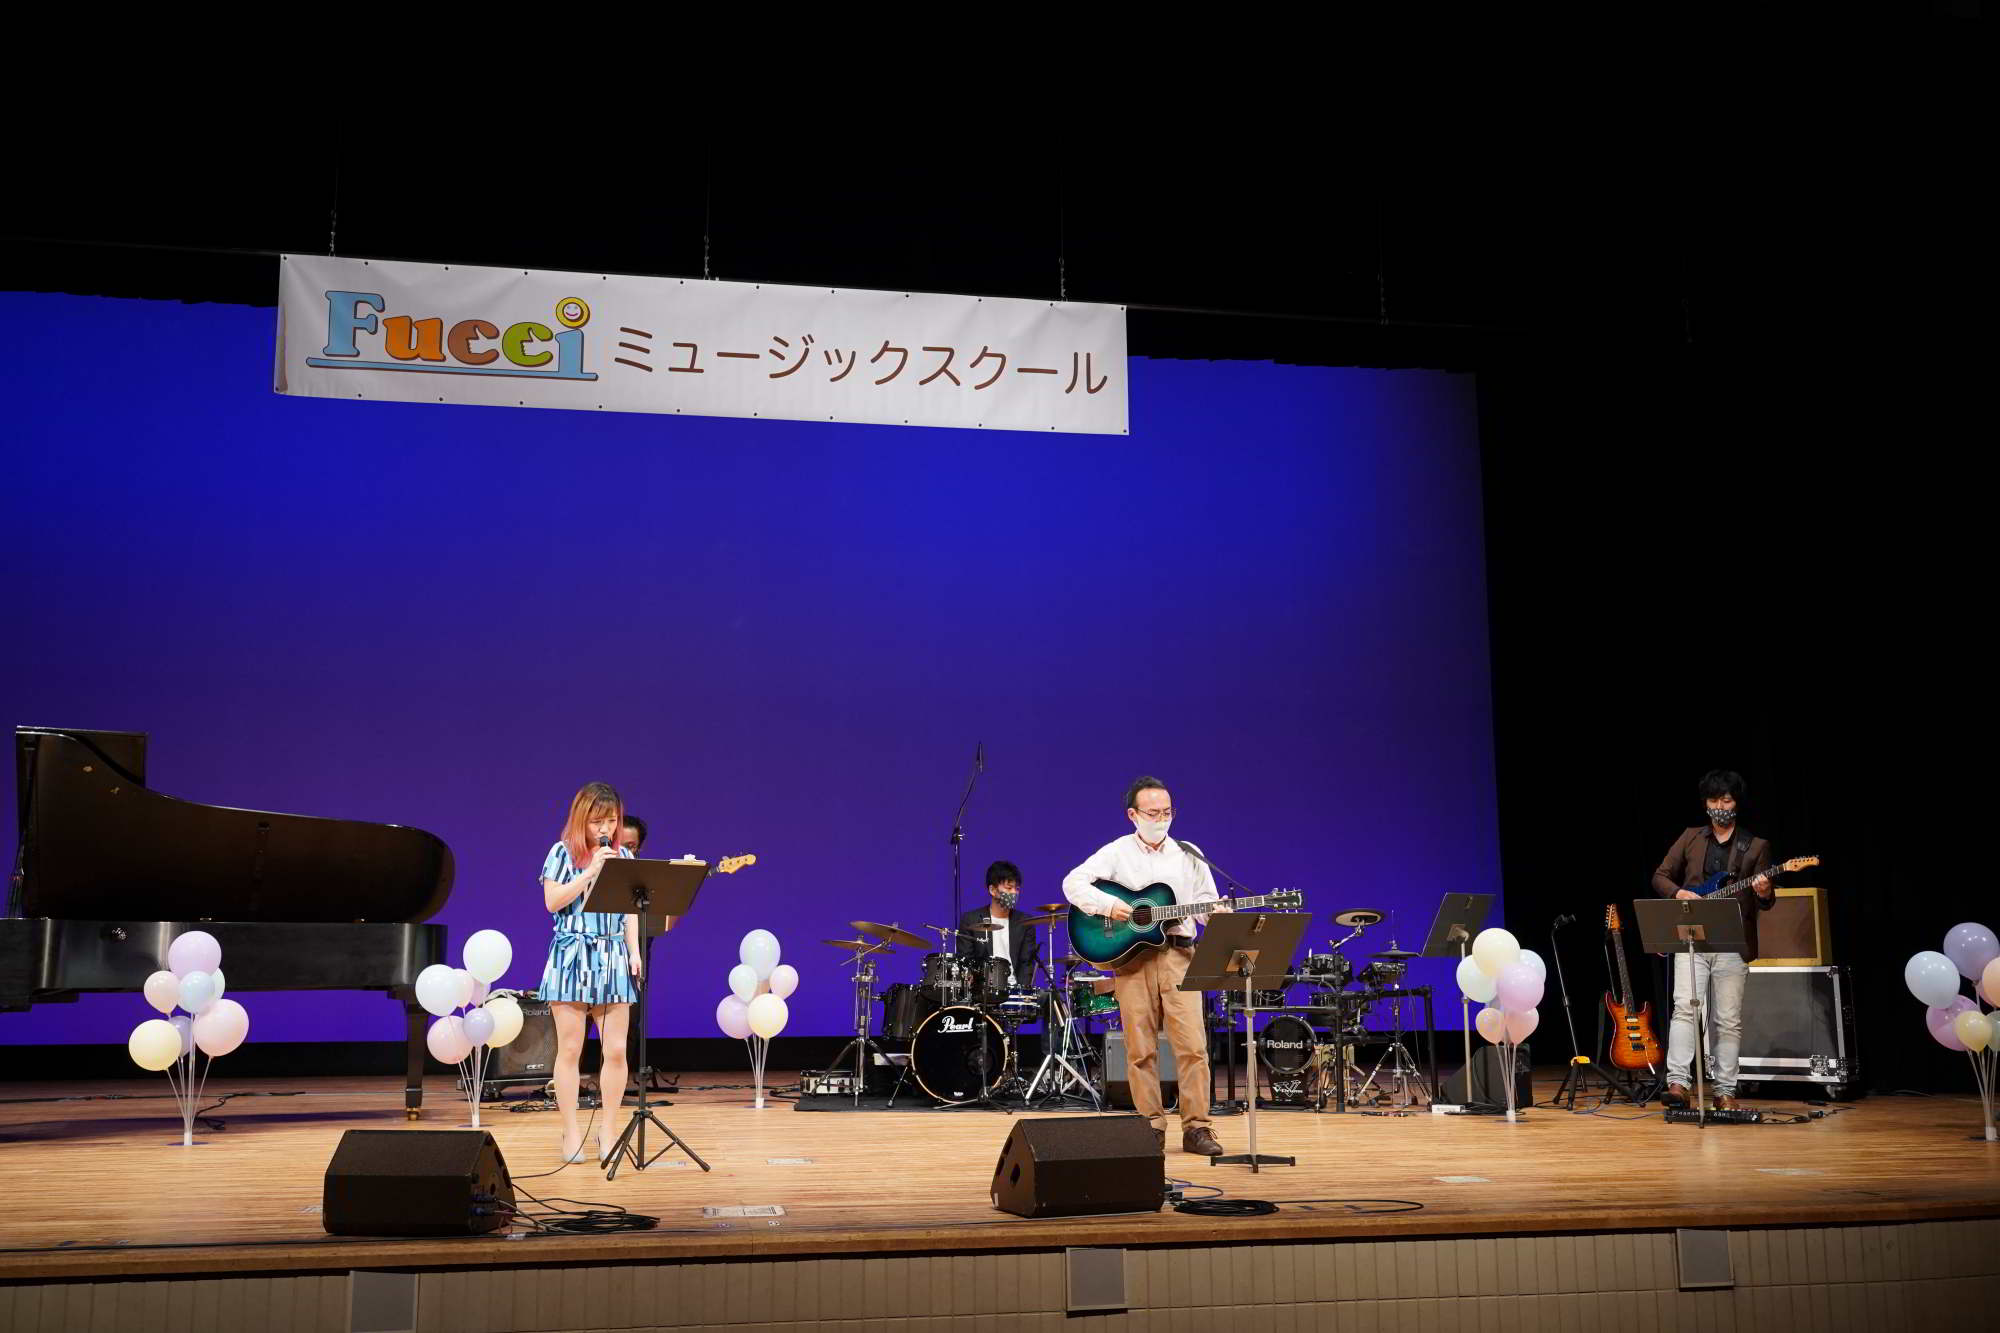 Fucciミュージックスクール発表会ライブ